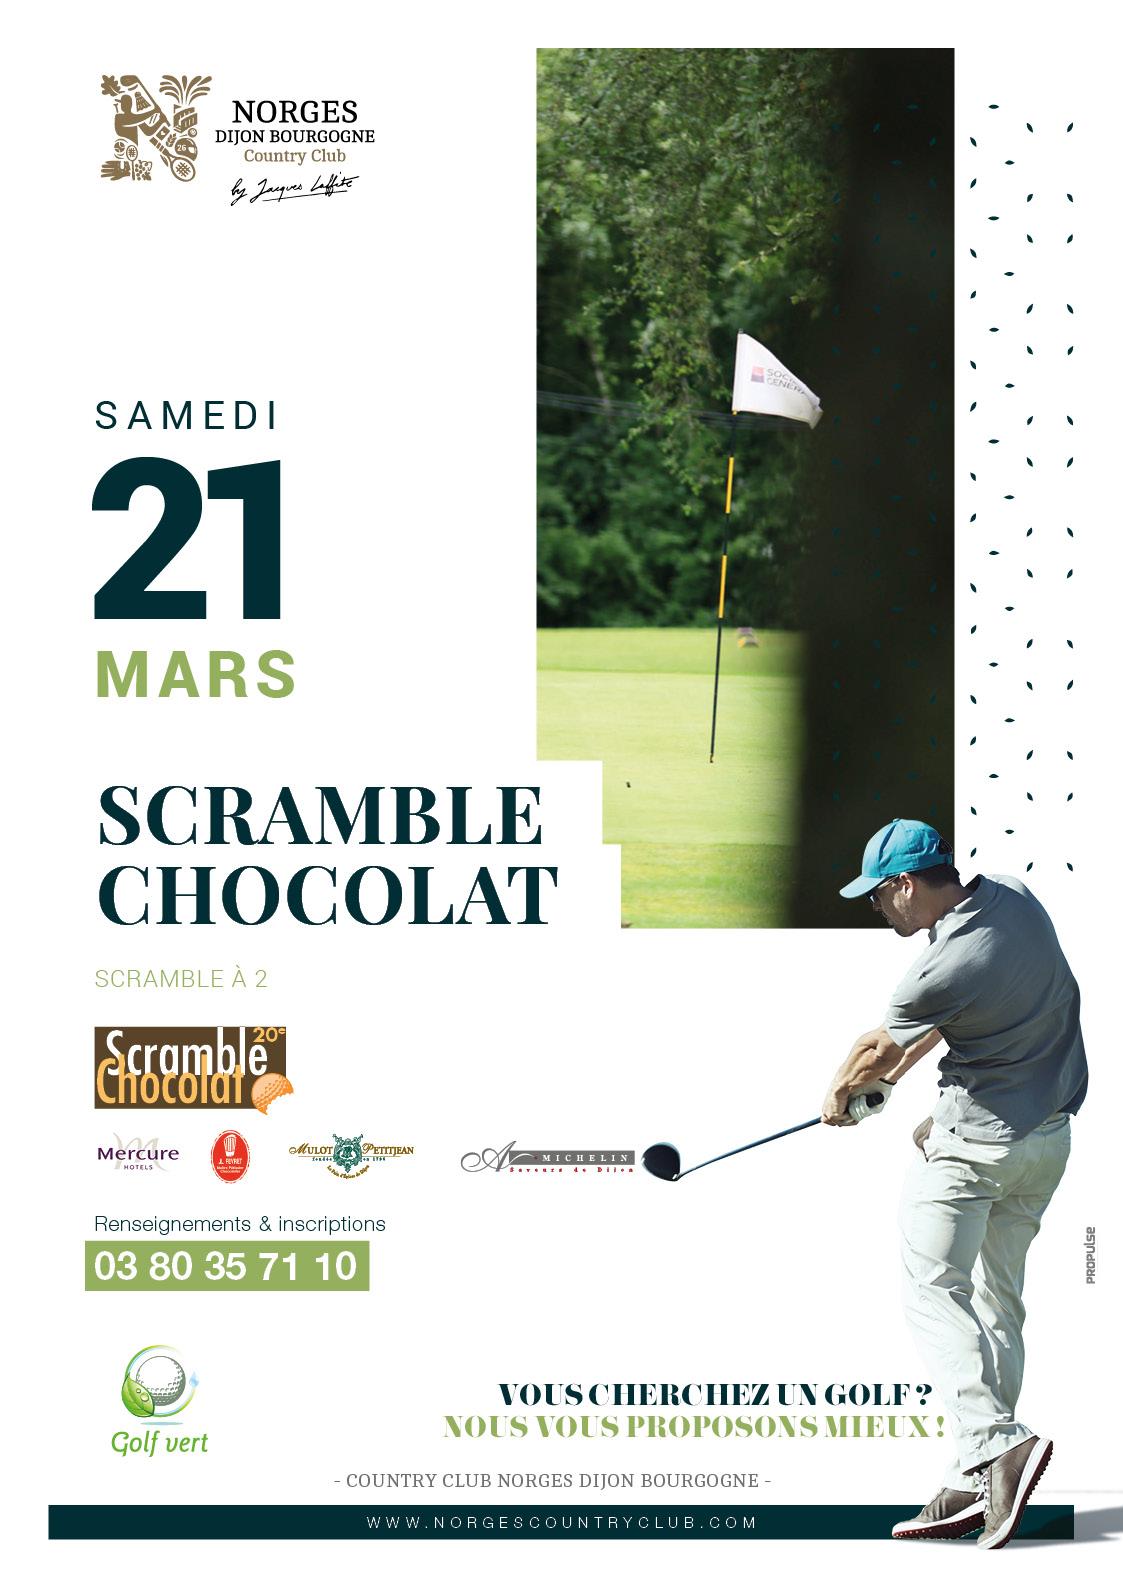 Scramble chocolat